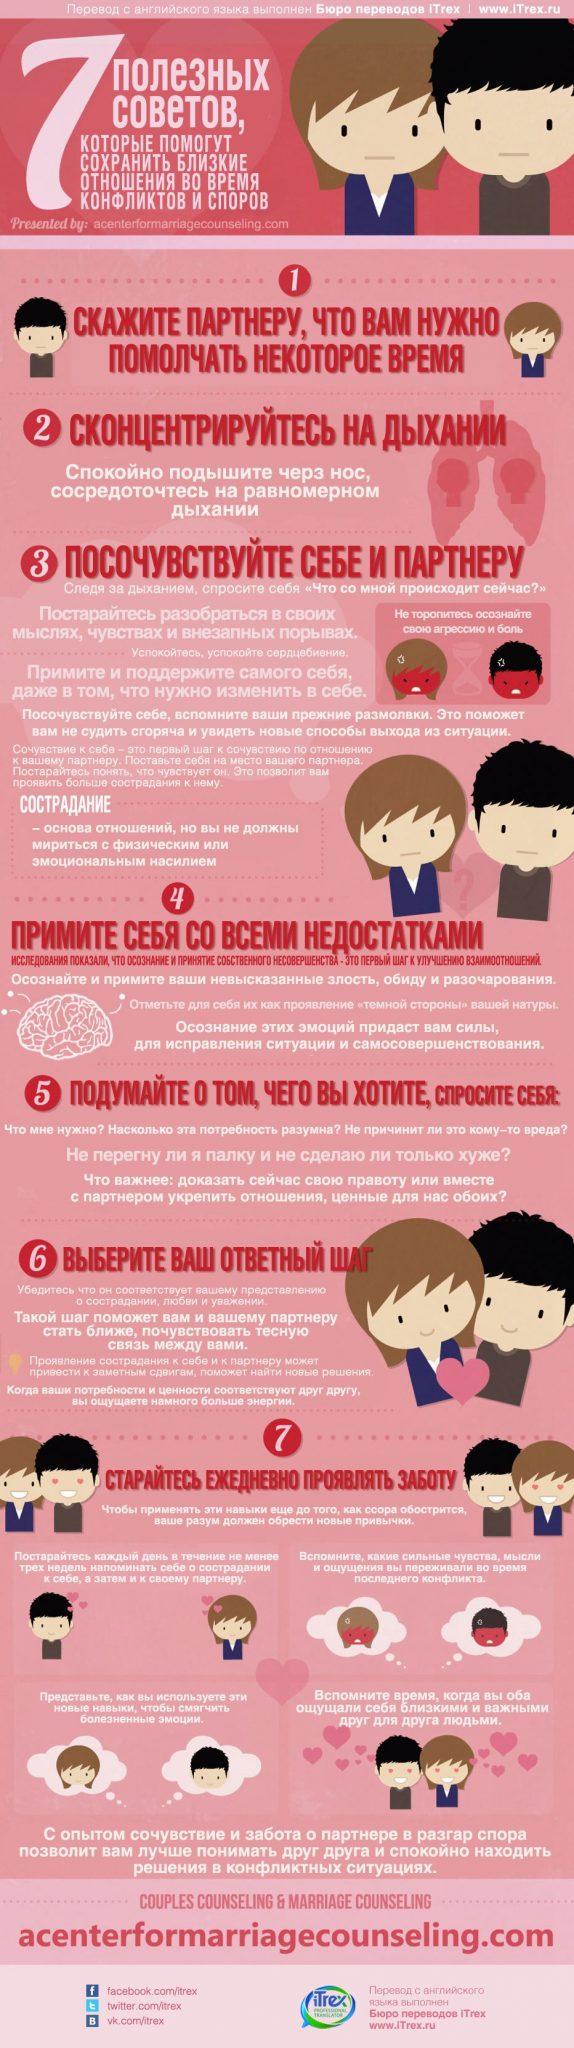 7 шагов к примирению